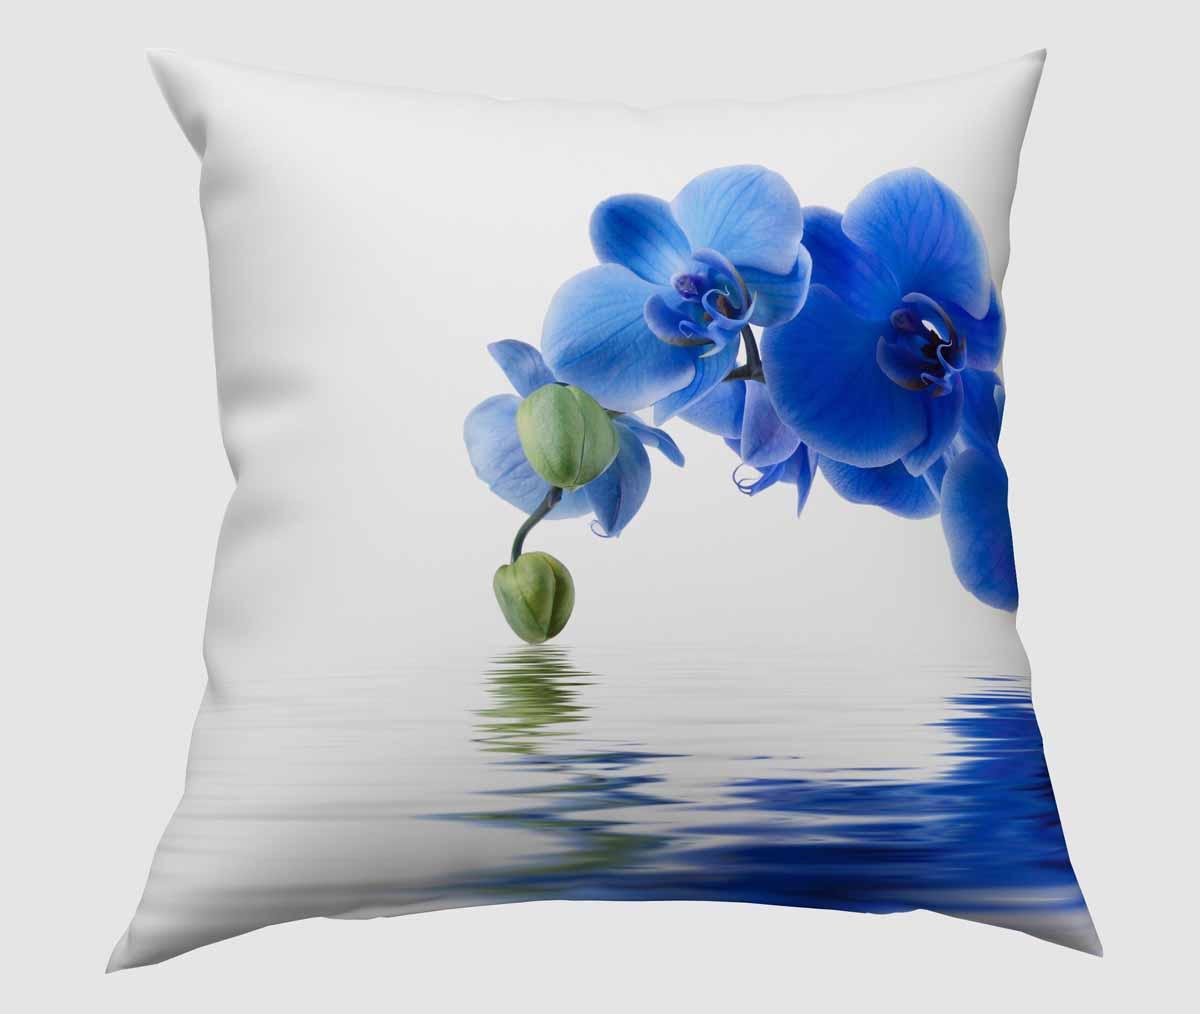 Подушка декоративная Сирень Синяя орхидея, 40 х 40 см1004900000360Декоративная подушка Сирень Синяя орхидея, изготовленная из габардина (100% полиэстер), прекрасно дополнит интерьер спальни или гостиной. Подушка оформлена красочным изображением. Внутри - мягкий наполнитель из холлофайбера (100% полиэстер). Красивая подушка создаст атмосферу тепла и уюта в спальне и станет прекрасным элементом декора.